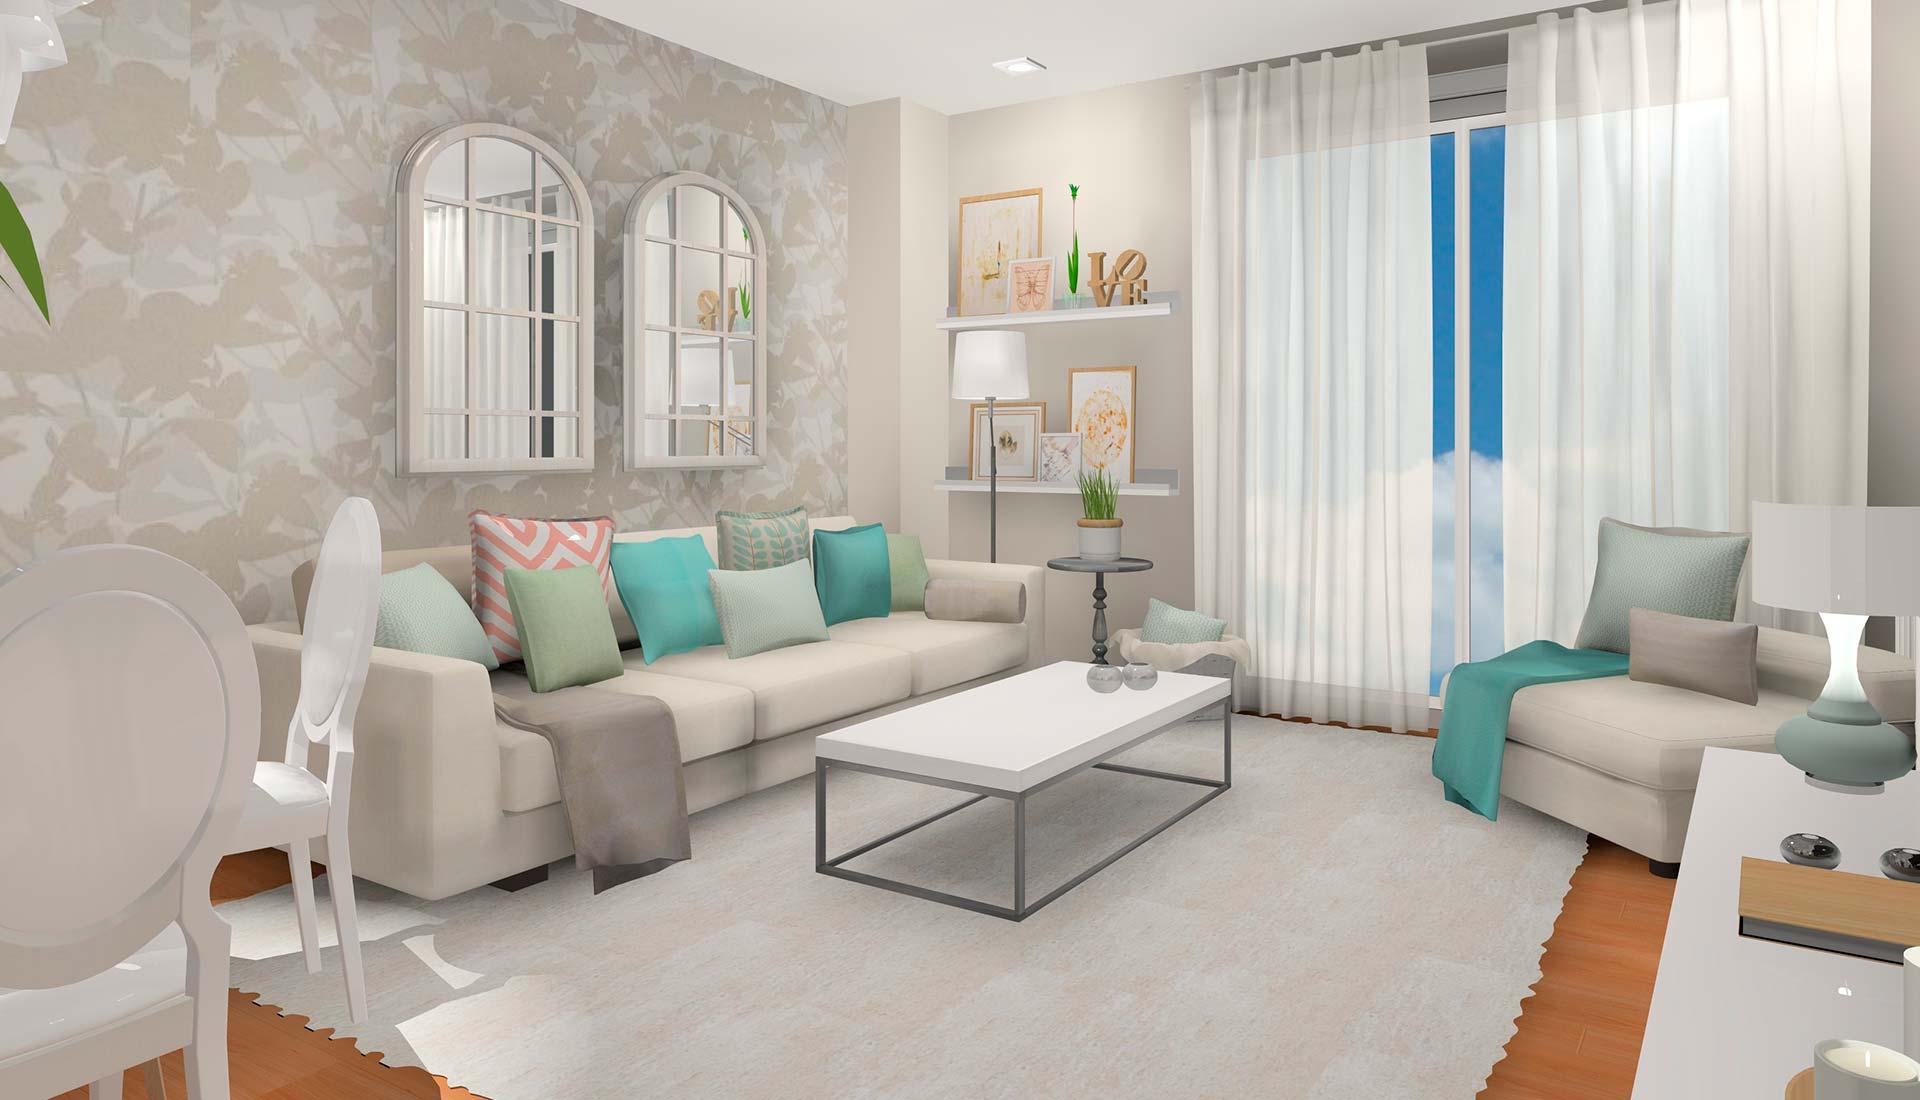 decoración interiores 3d lampara salon